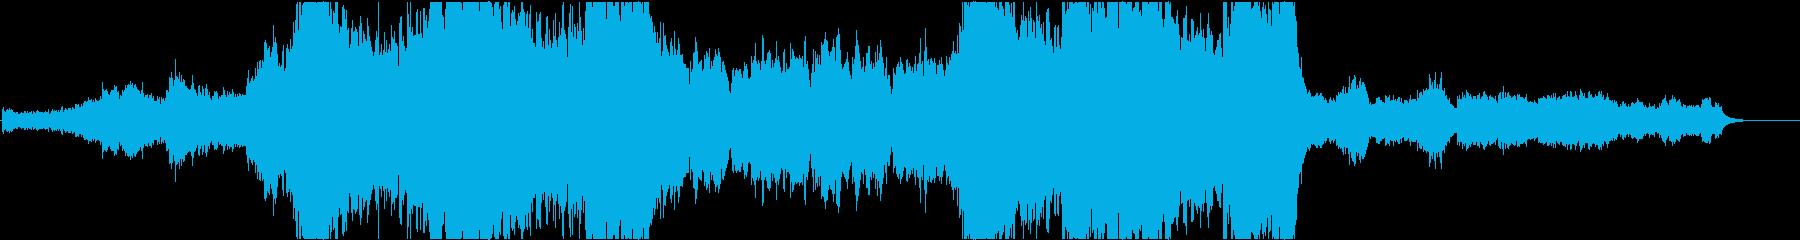 ミステリー調のエピックダークオーケストラの再生済みの波形